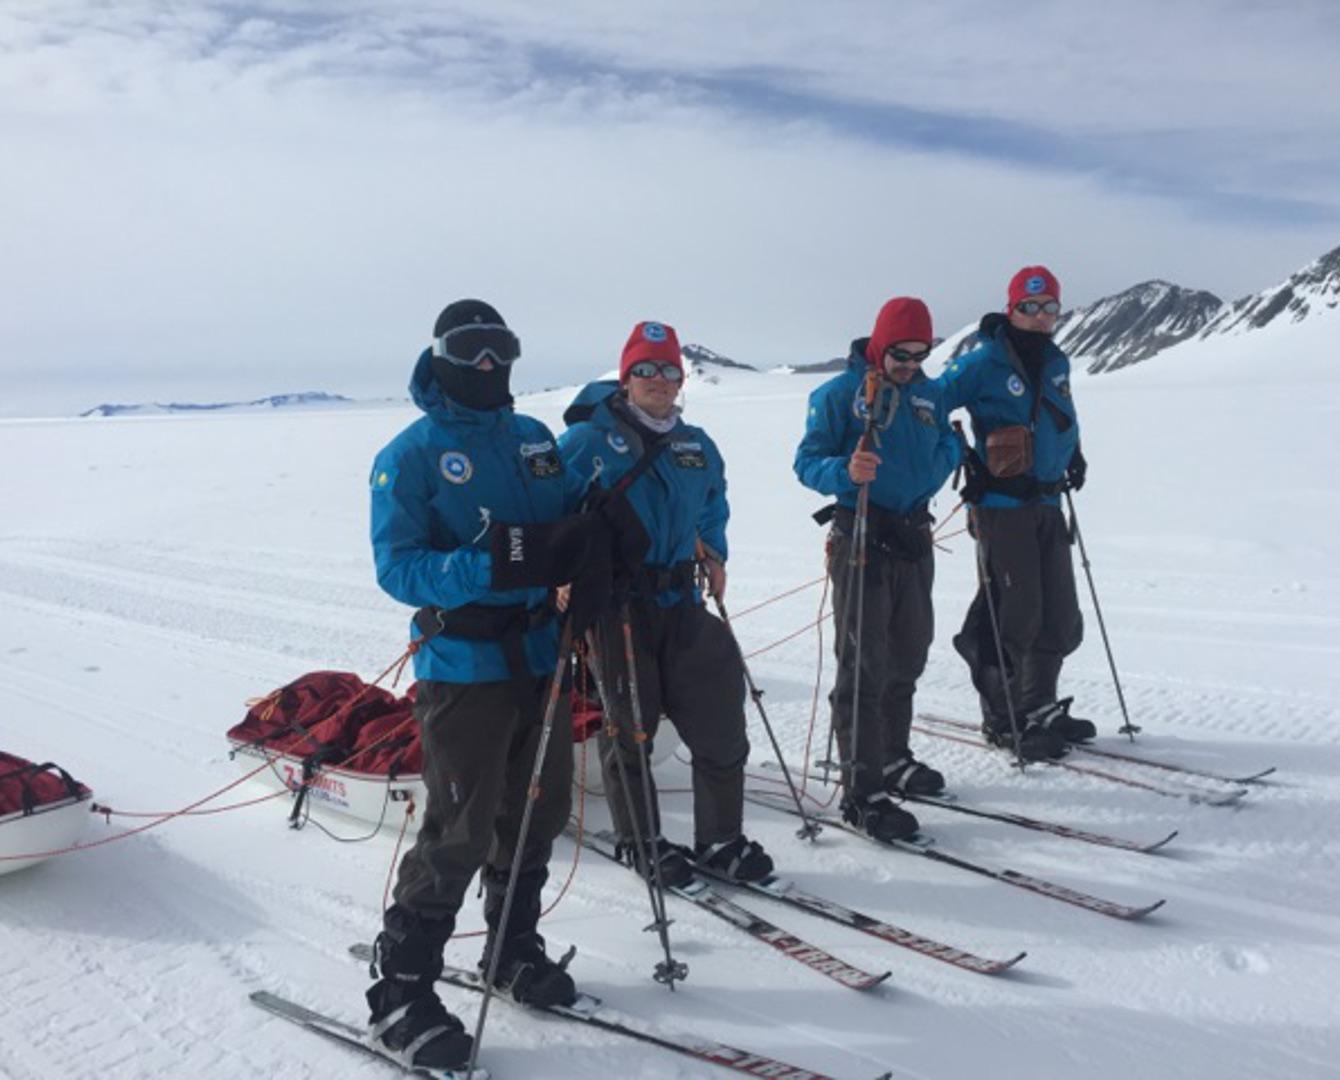 Қазақстандықтардың Оңтүстік полюстегі алғашқы шаңғы экспедициясы басталды